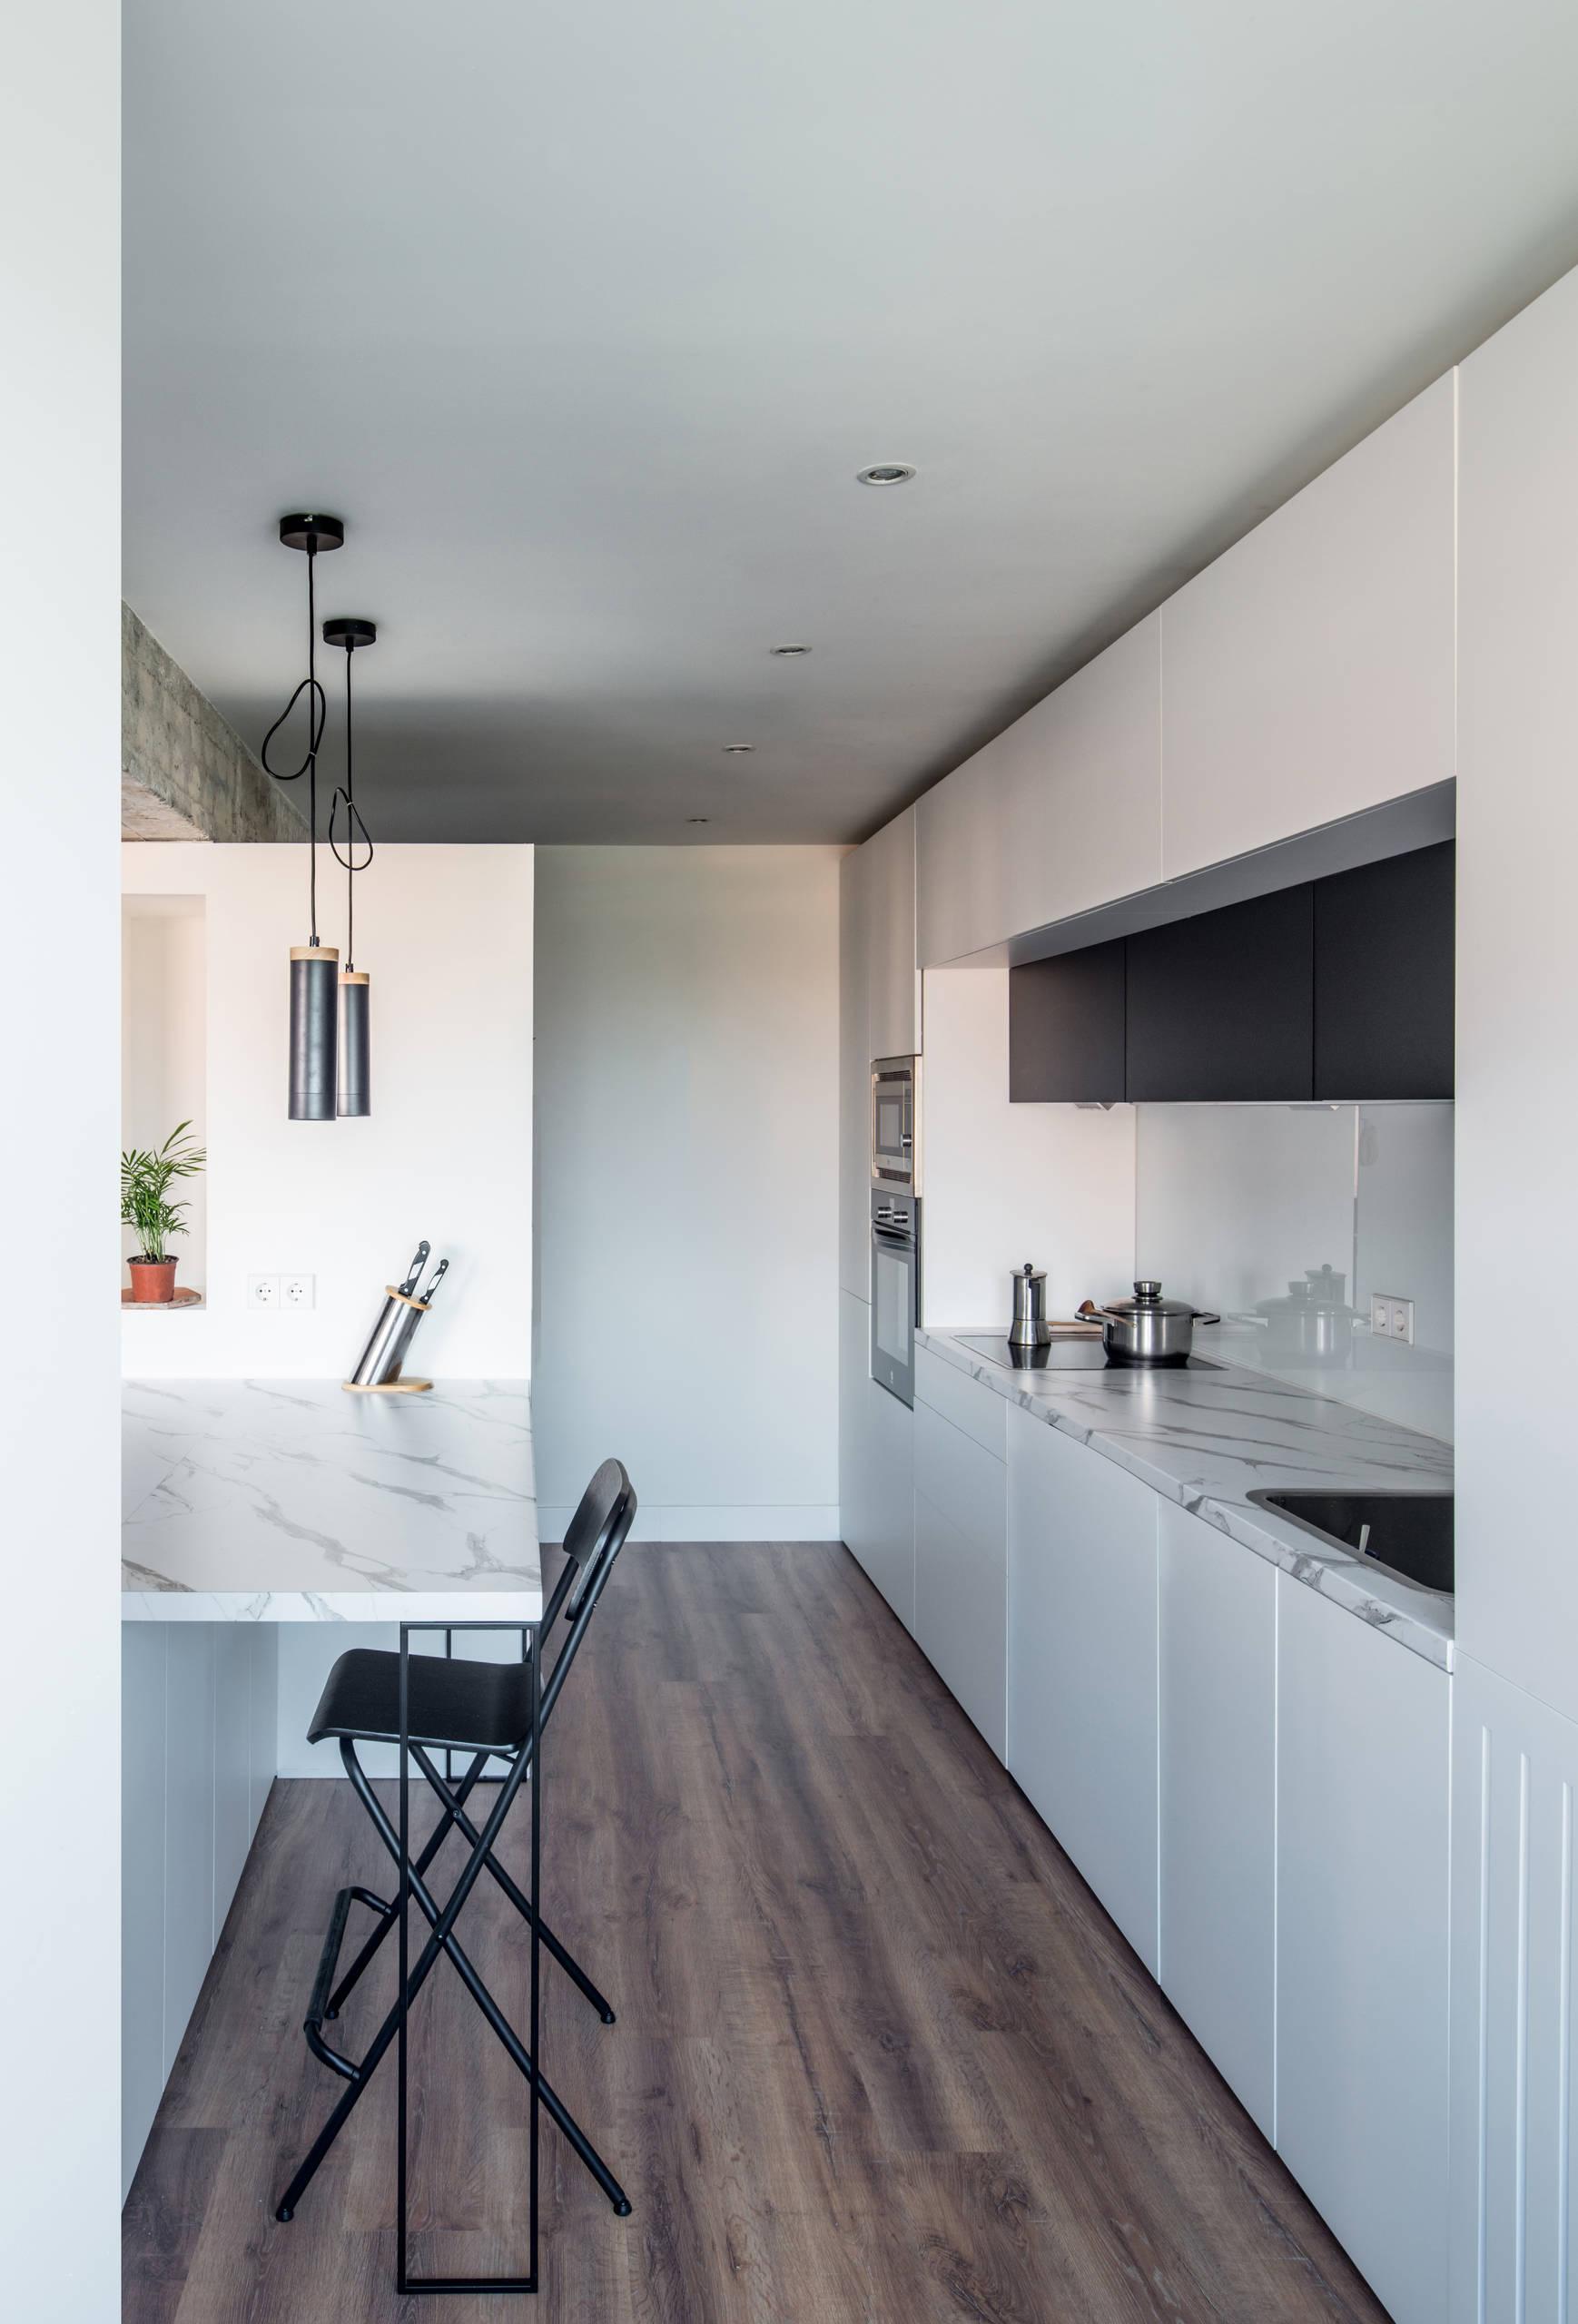 Cocina, vista lateral.